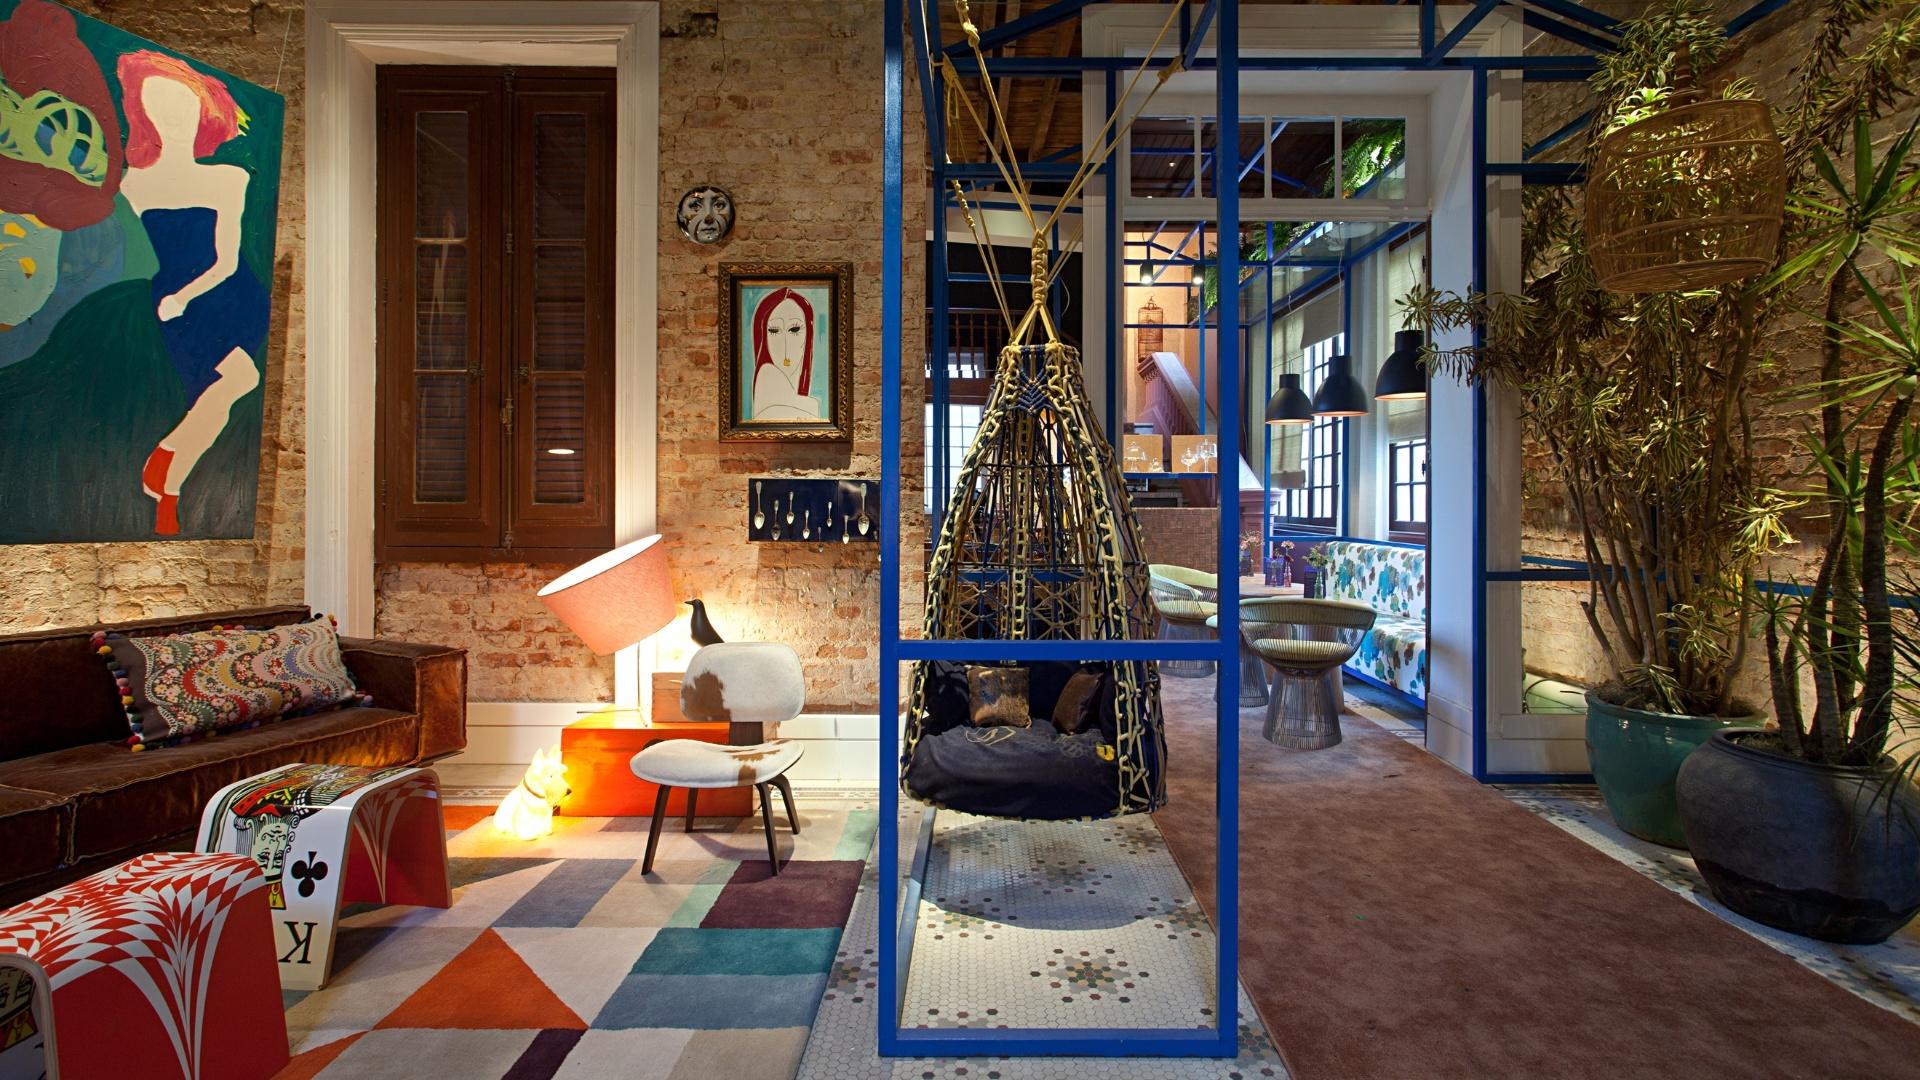 O Foyer do Brigadeiro, das arquitetas Carolina Escada e Patrícia Landau, ganhou um mix de móveis contemporâneos e dos anos 1960. A Casa Cor RJ vai de 03 de outubro a 19 de novembro de 2012, no Rio de Janeiro